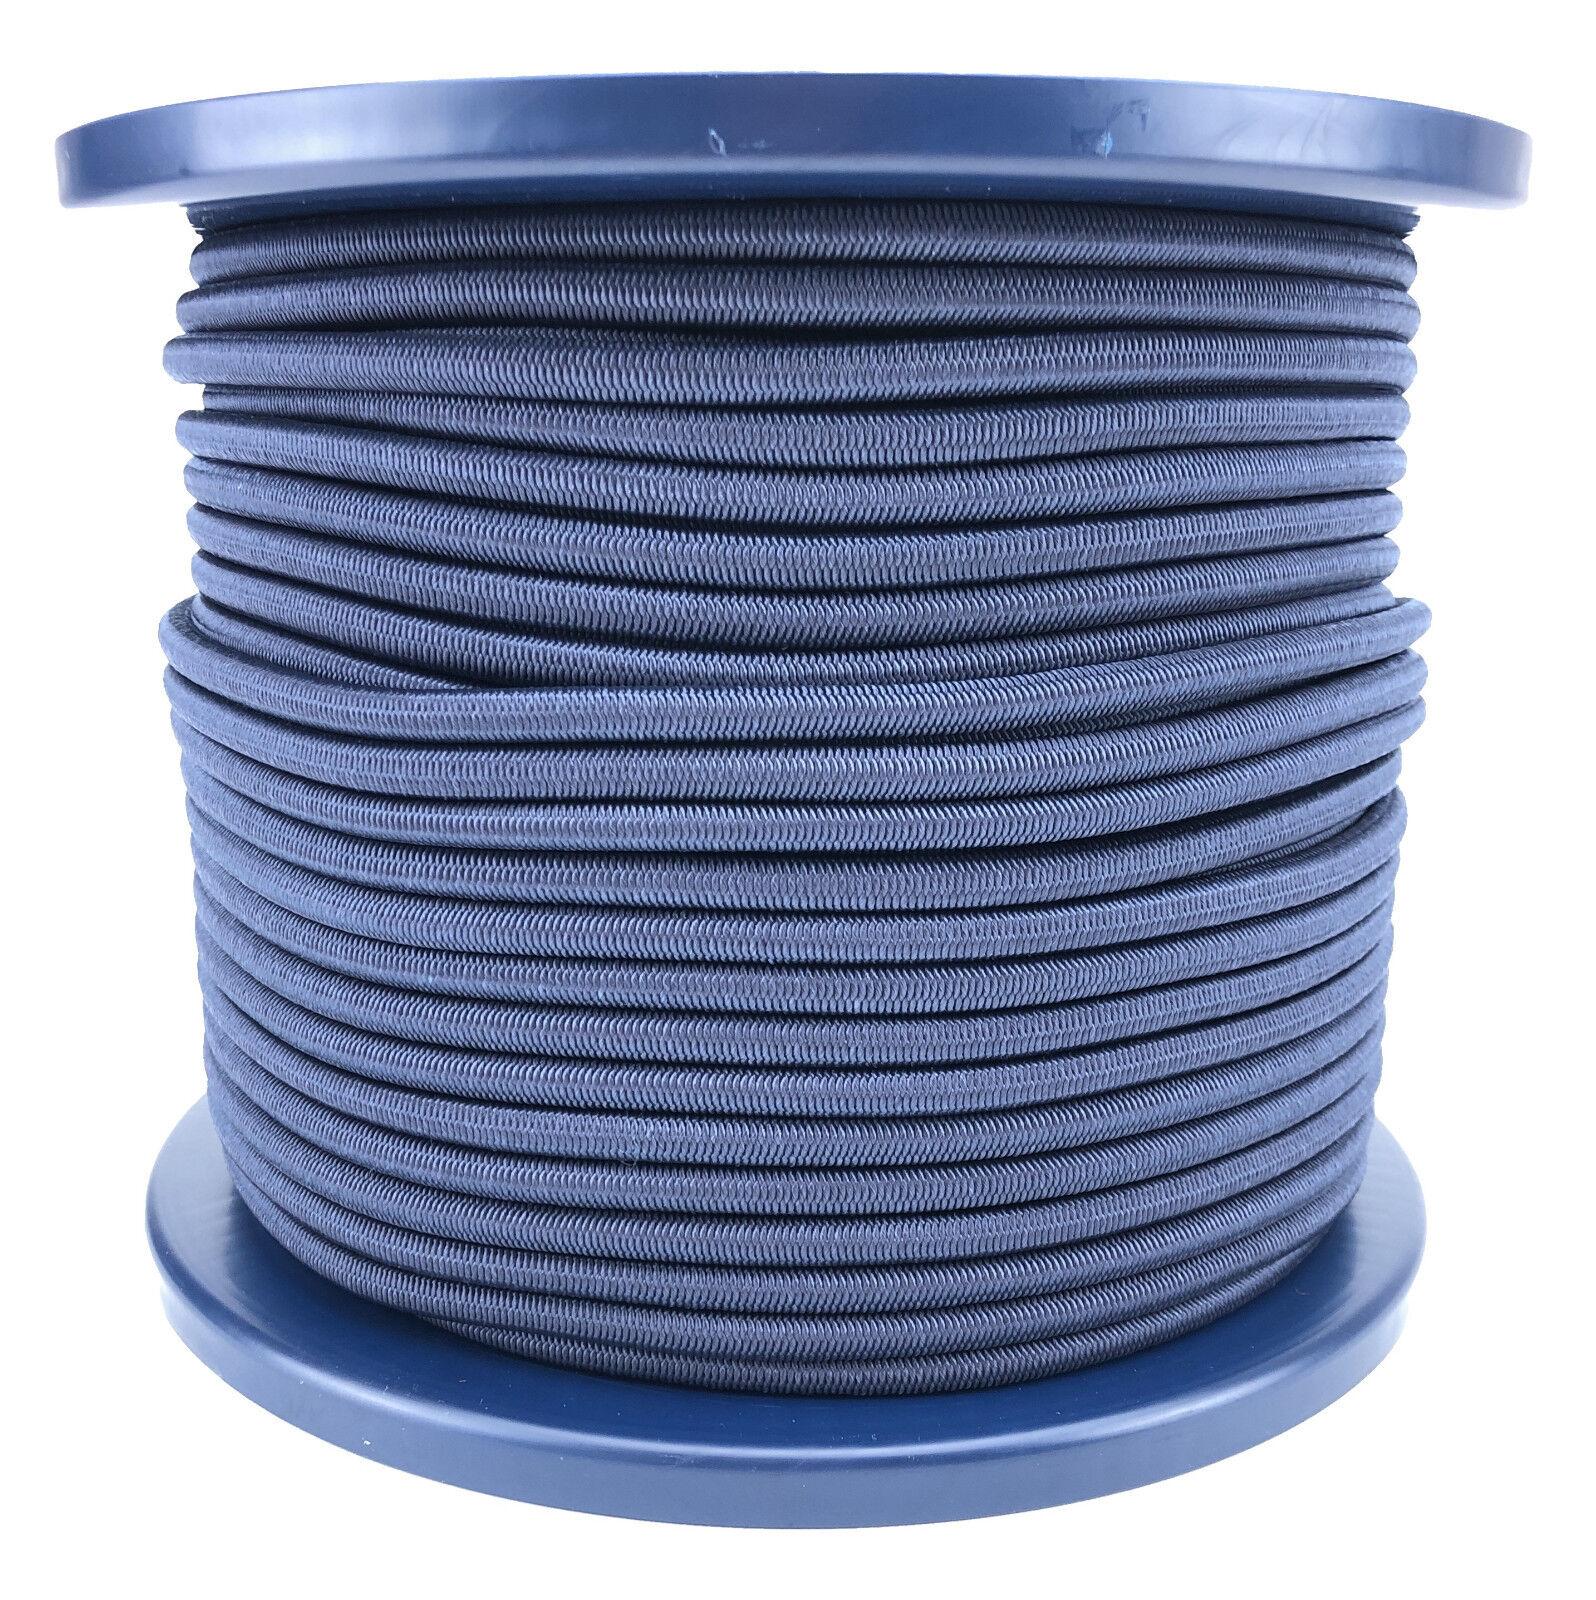 6mm Blu Navy Bungee Elastico Corda x 75 Metri Cordicella Elastica Corda